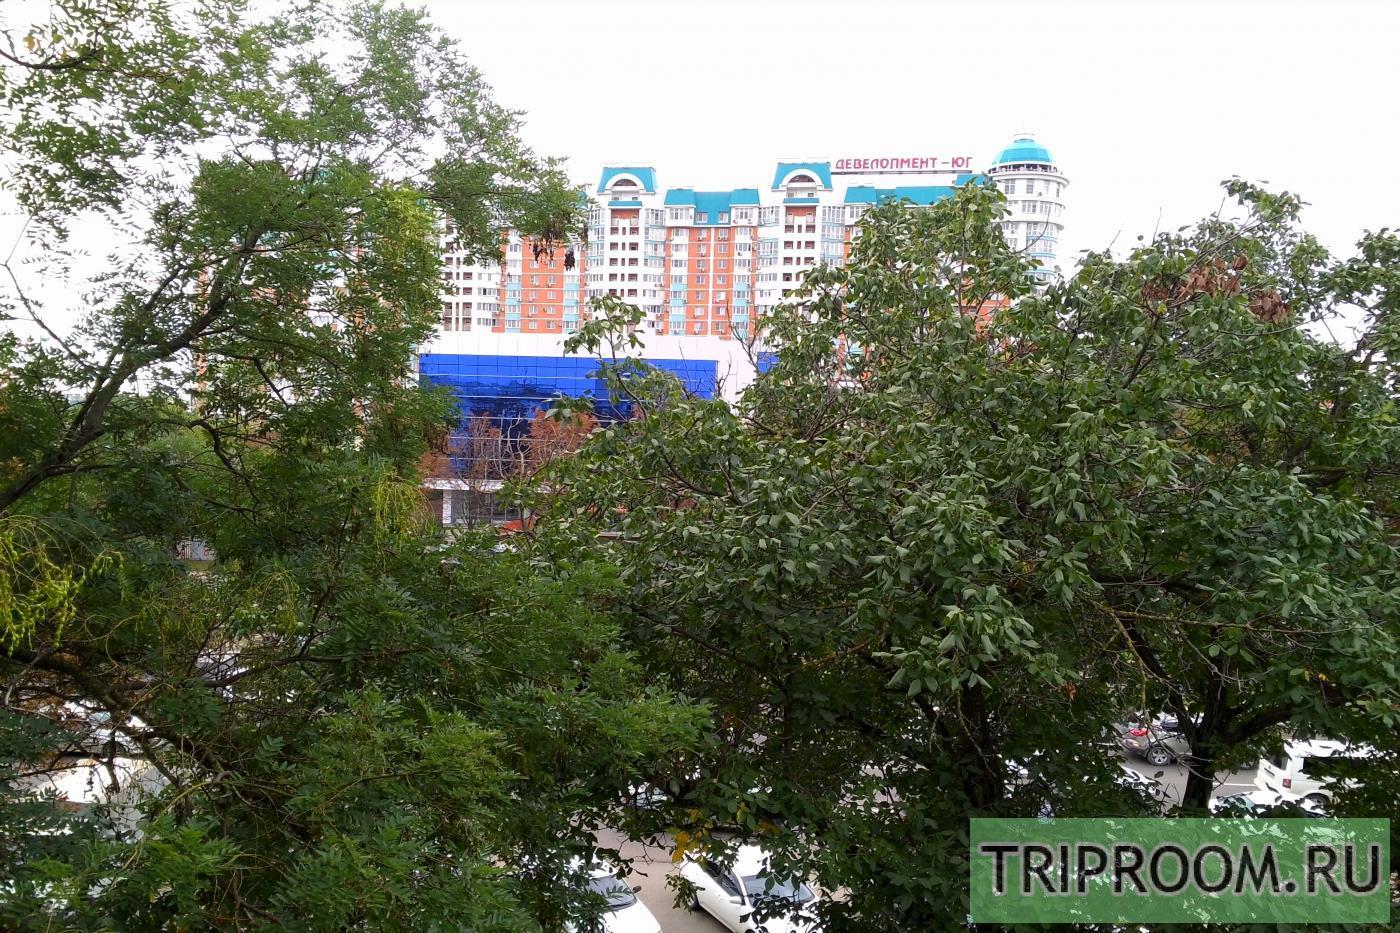 1-комнатная квартира посуточно (вариант № 1683), ул. Ставропольская улица, фото № 1